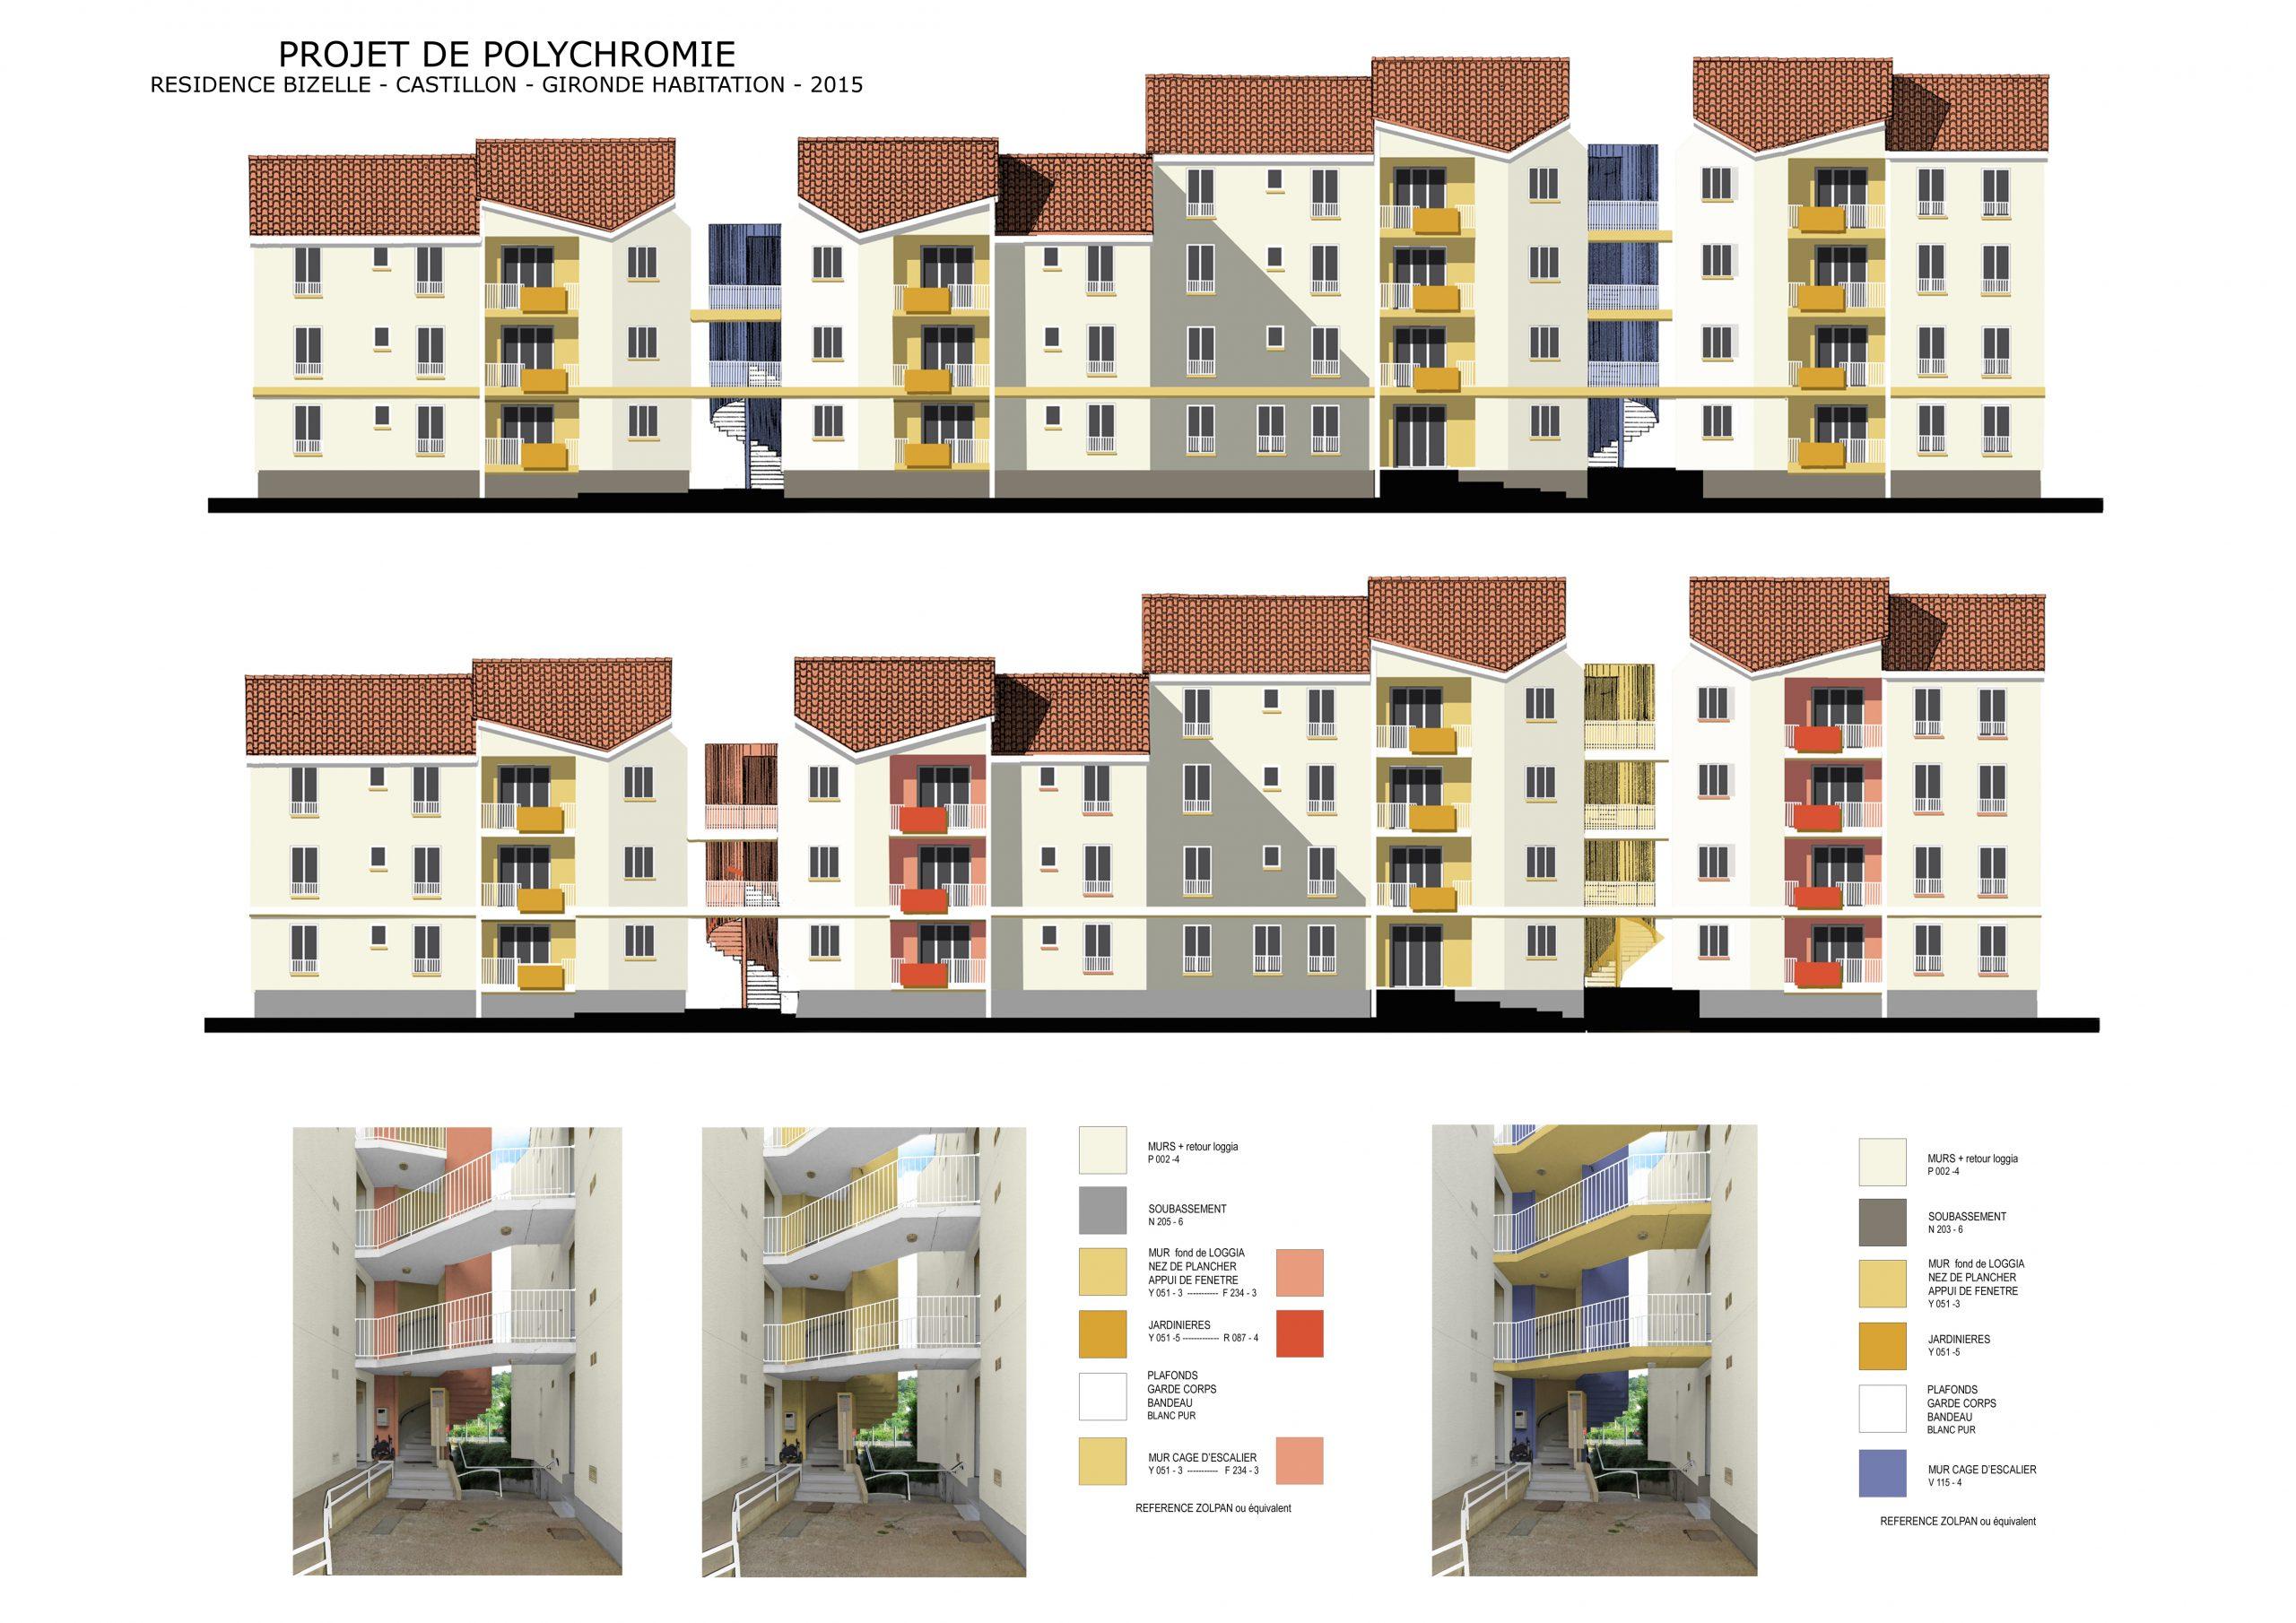 Collectifs-Polychromie architecturale-Castillon la bataille